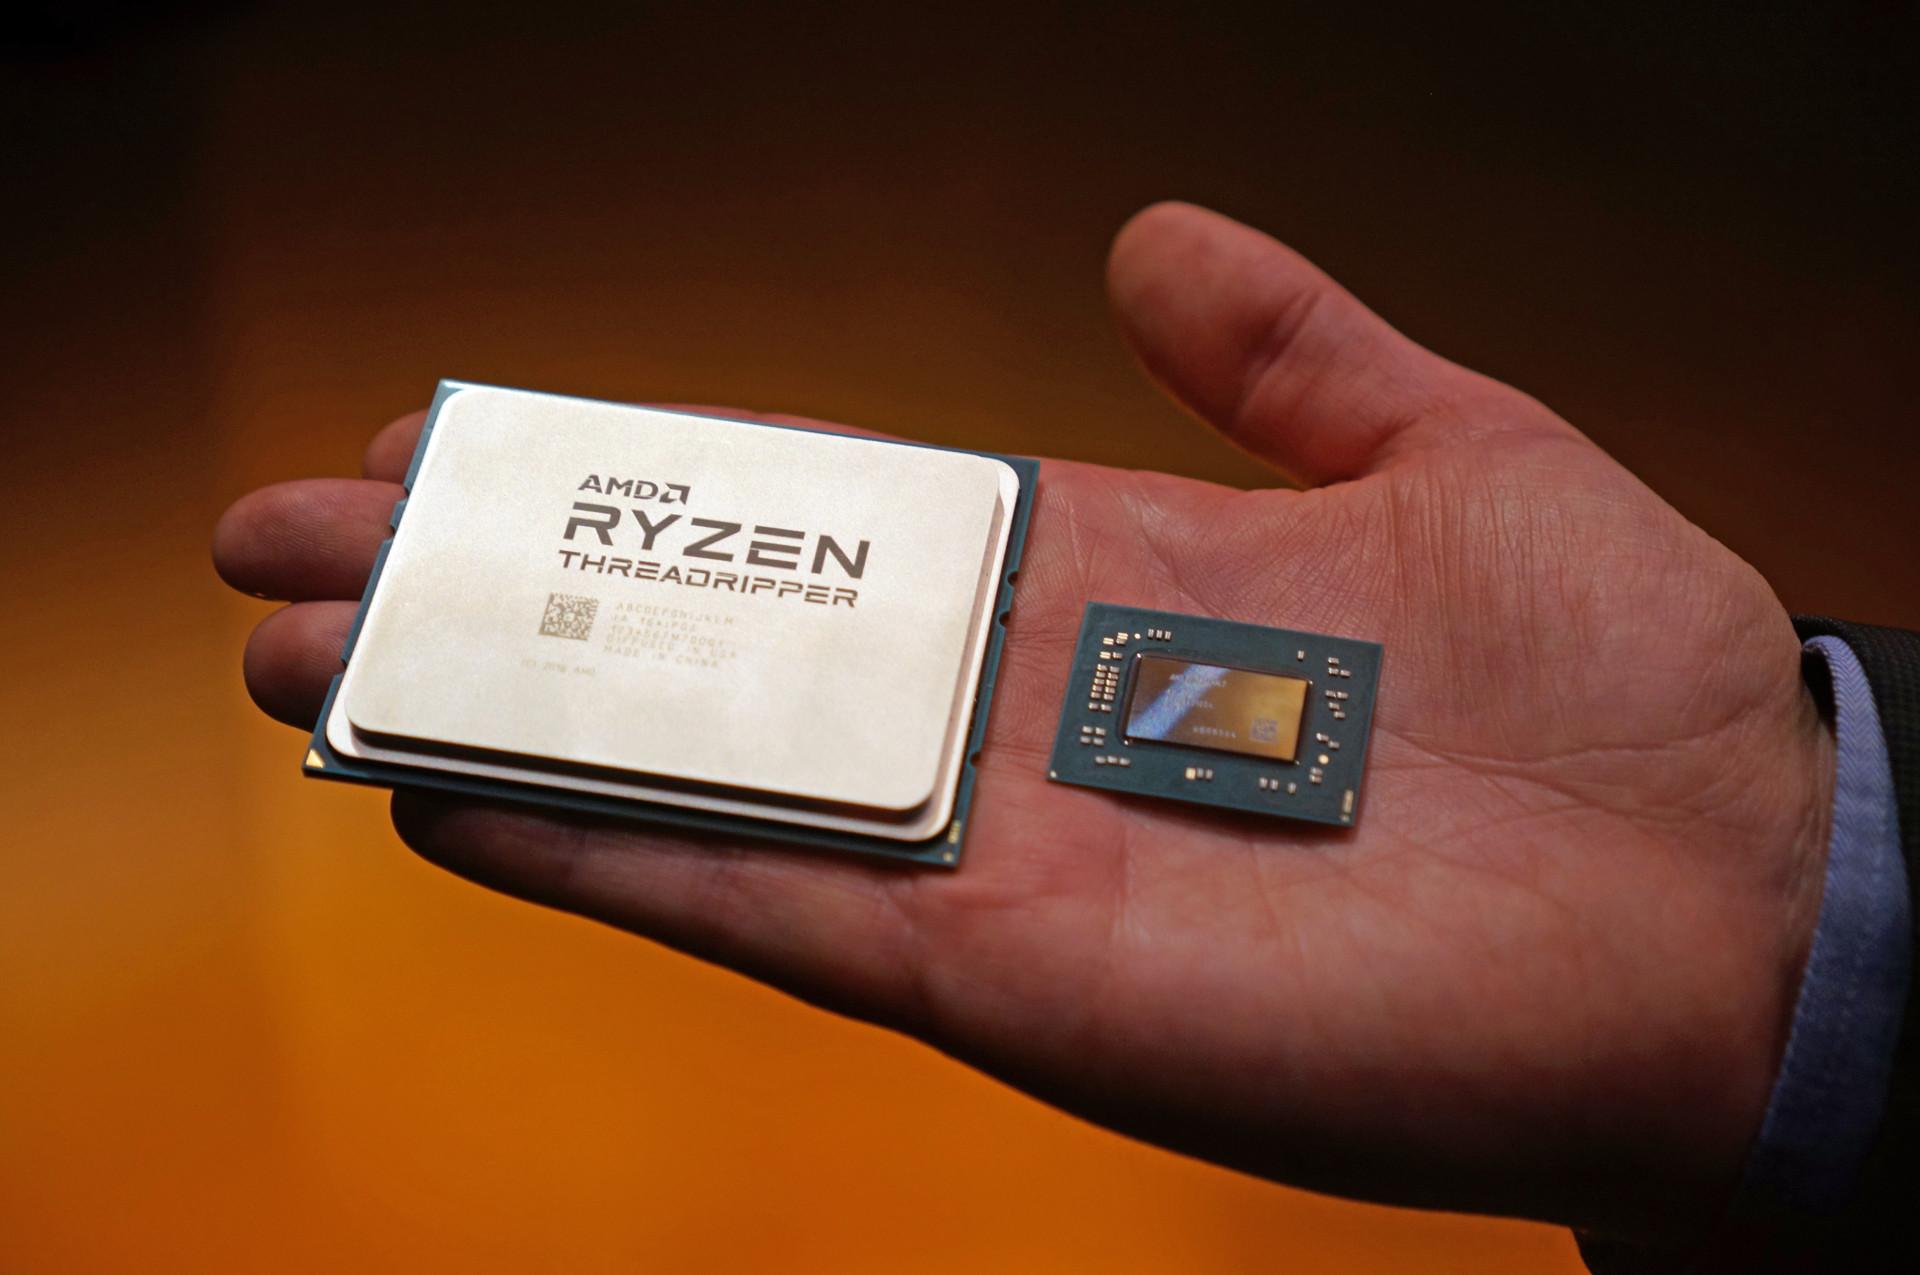 16코어 라이젠 쓰레드리퍼와 4코어 라이젠 모바일 칩의 크기 비교